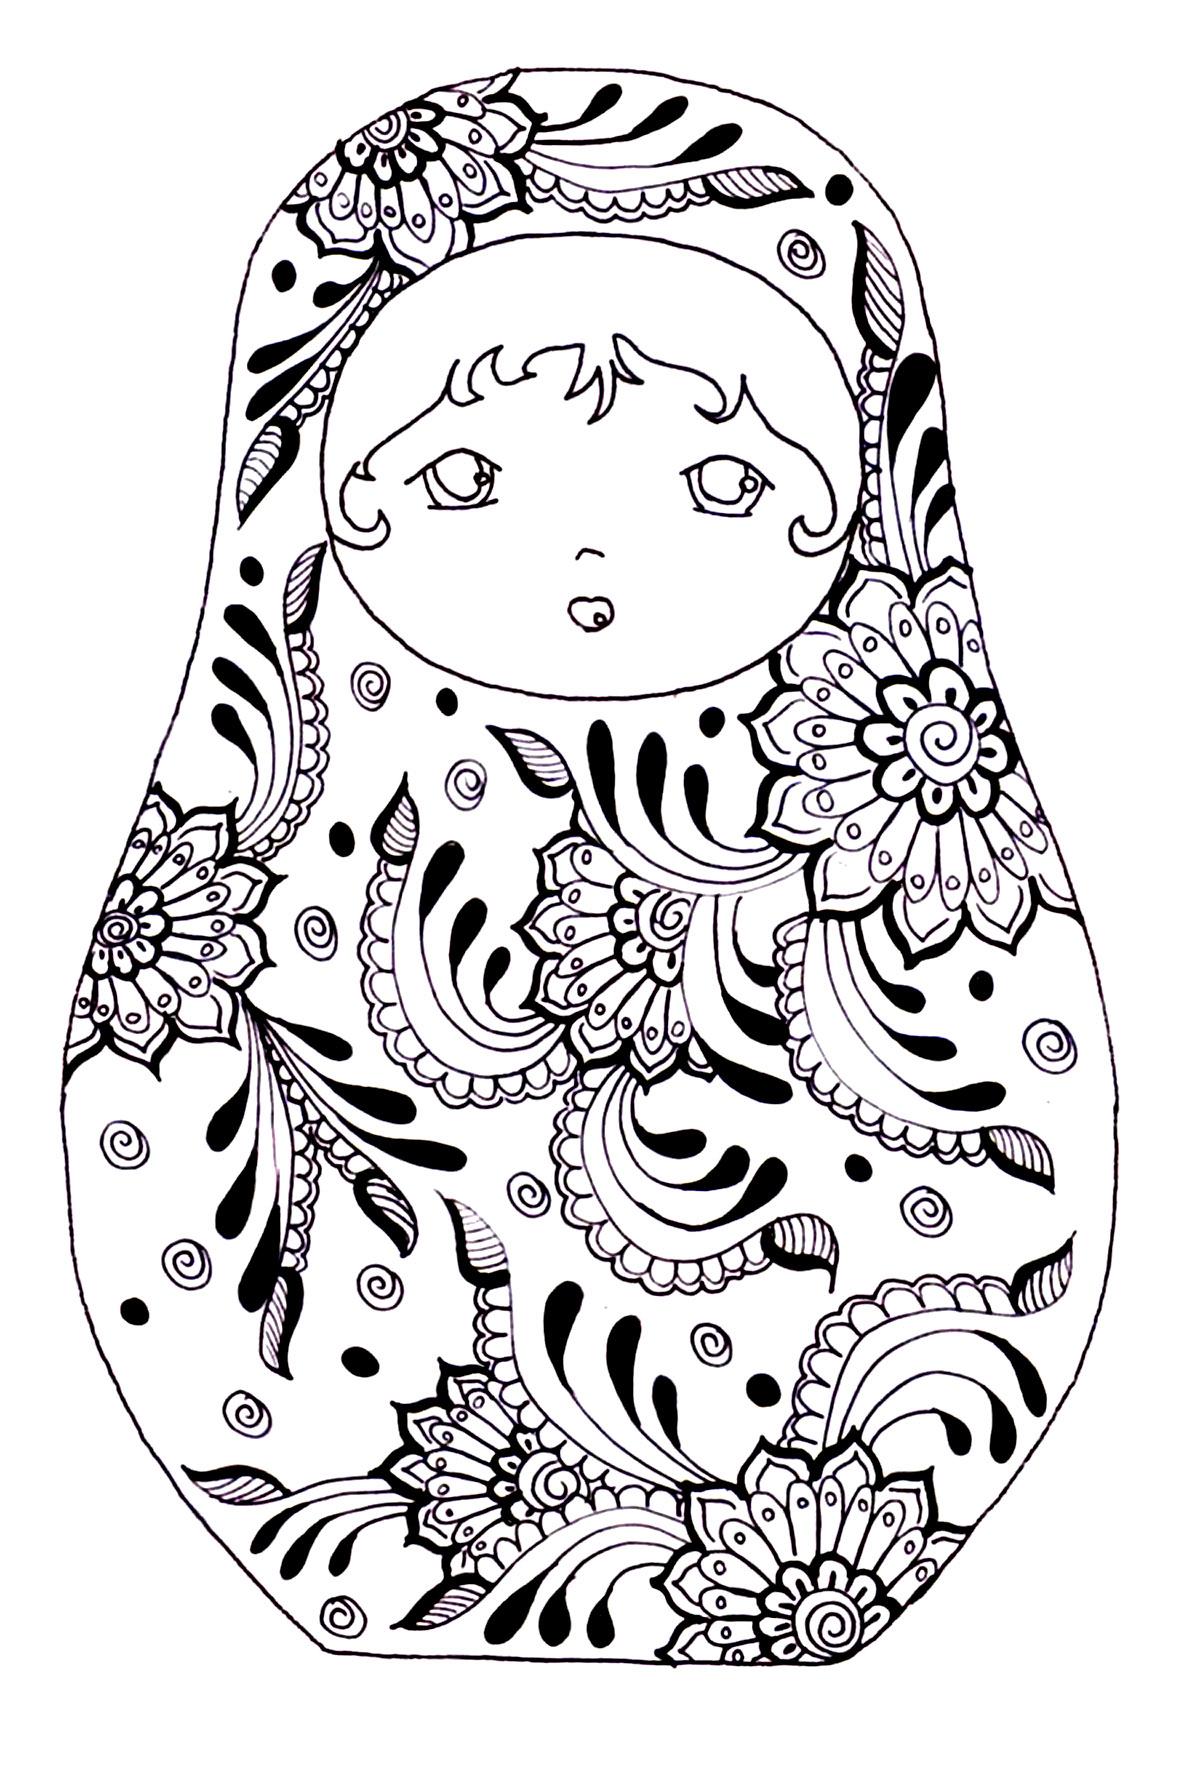 Coloriage Mandala Russe.Justcolor Poupees Russes 4 Coloriages De Poupees Russes 100